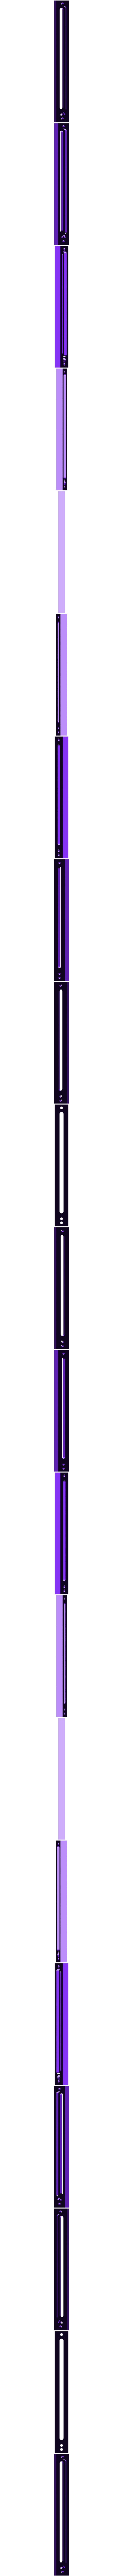 slider_guide.stl Download free STL file PCB Vise – Soldering Station • 3D printing model, Job